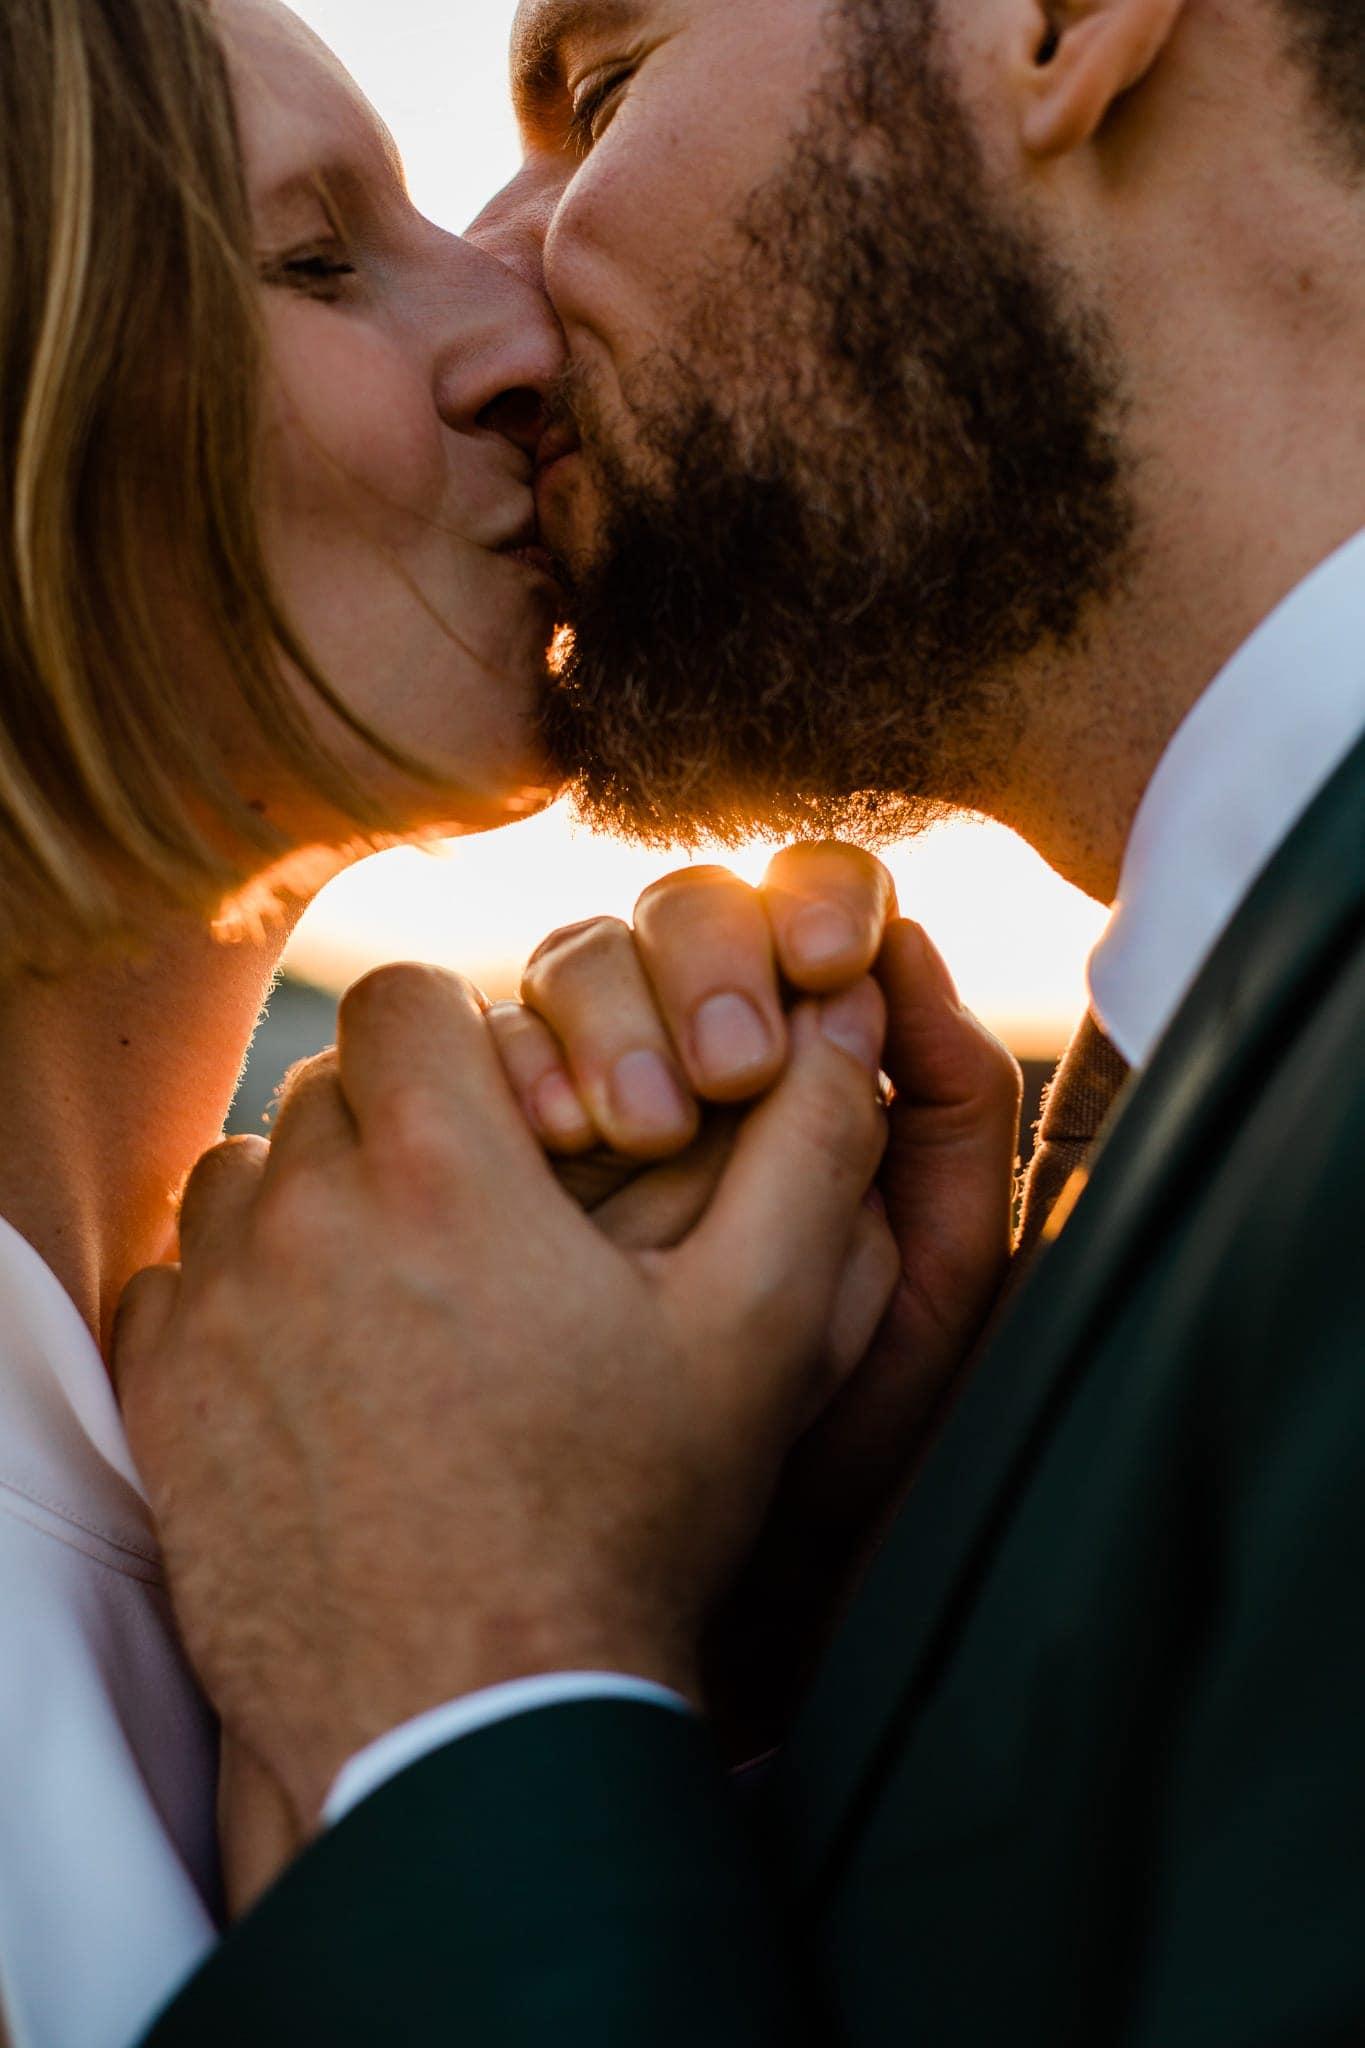 huwelijksfotografie trouwen fotograaf gent wedding photography belgium